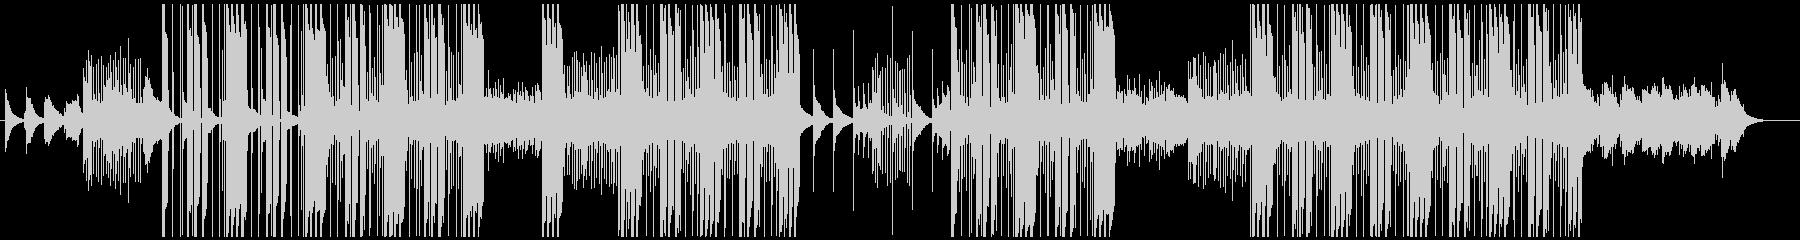 和(琴)とトラップビートの融合の未再生の波形